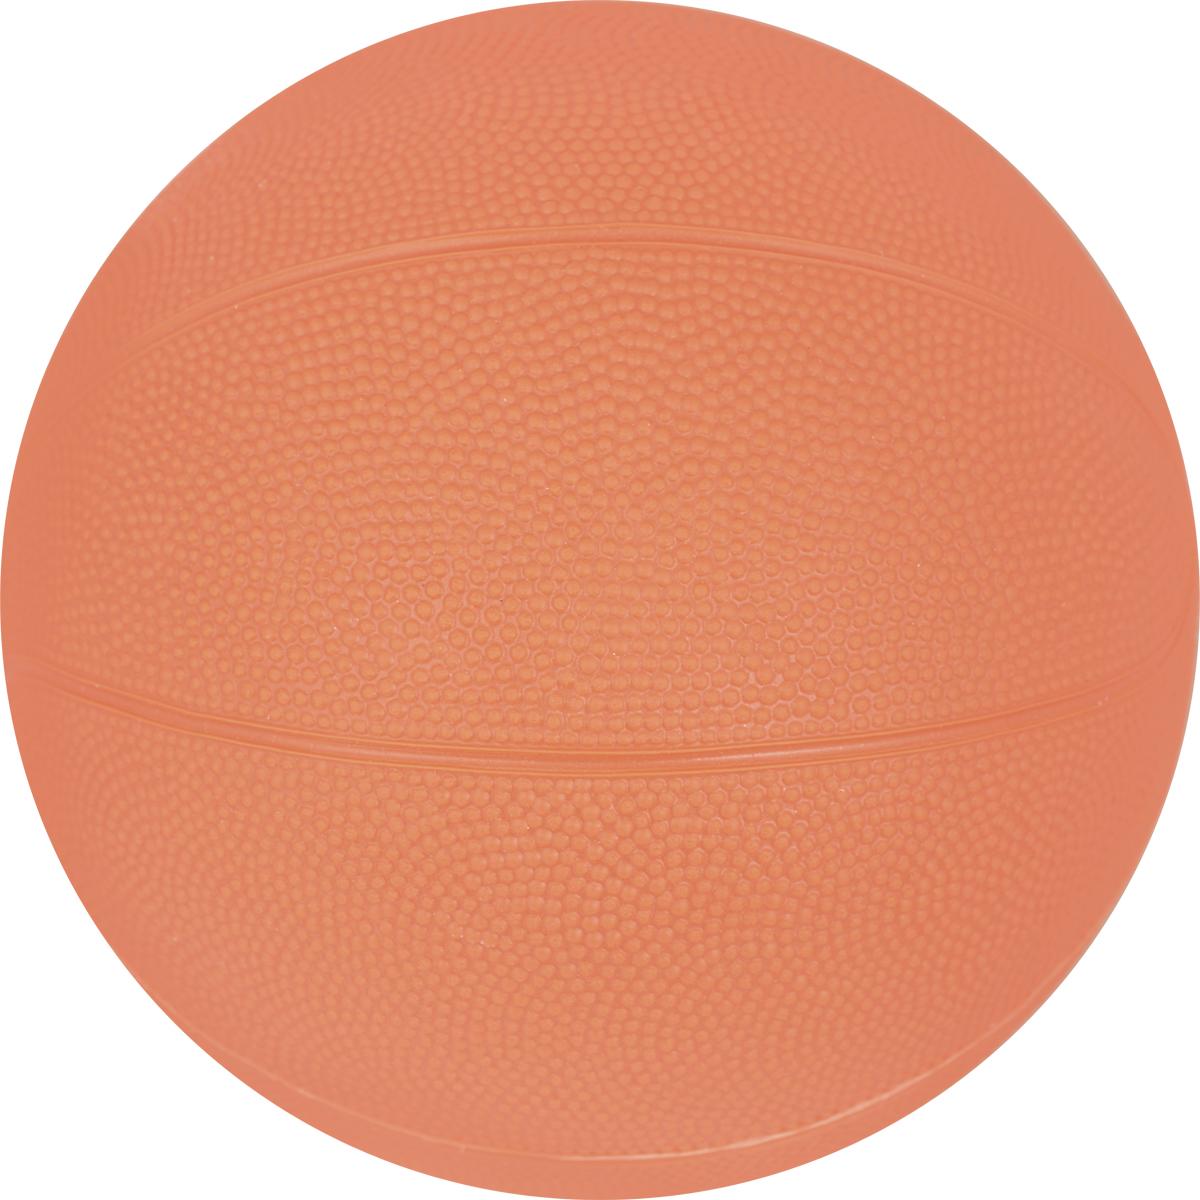 Весна Мяч детский баскетбольный цвет оранжевый диаметр 25,5 см